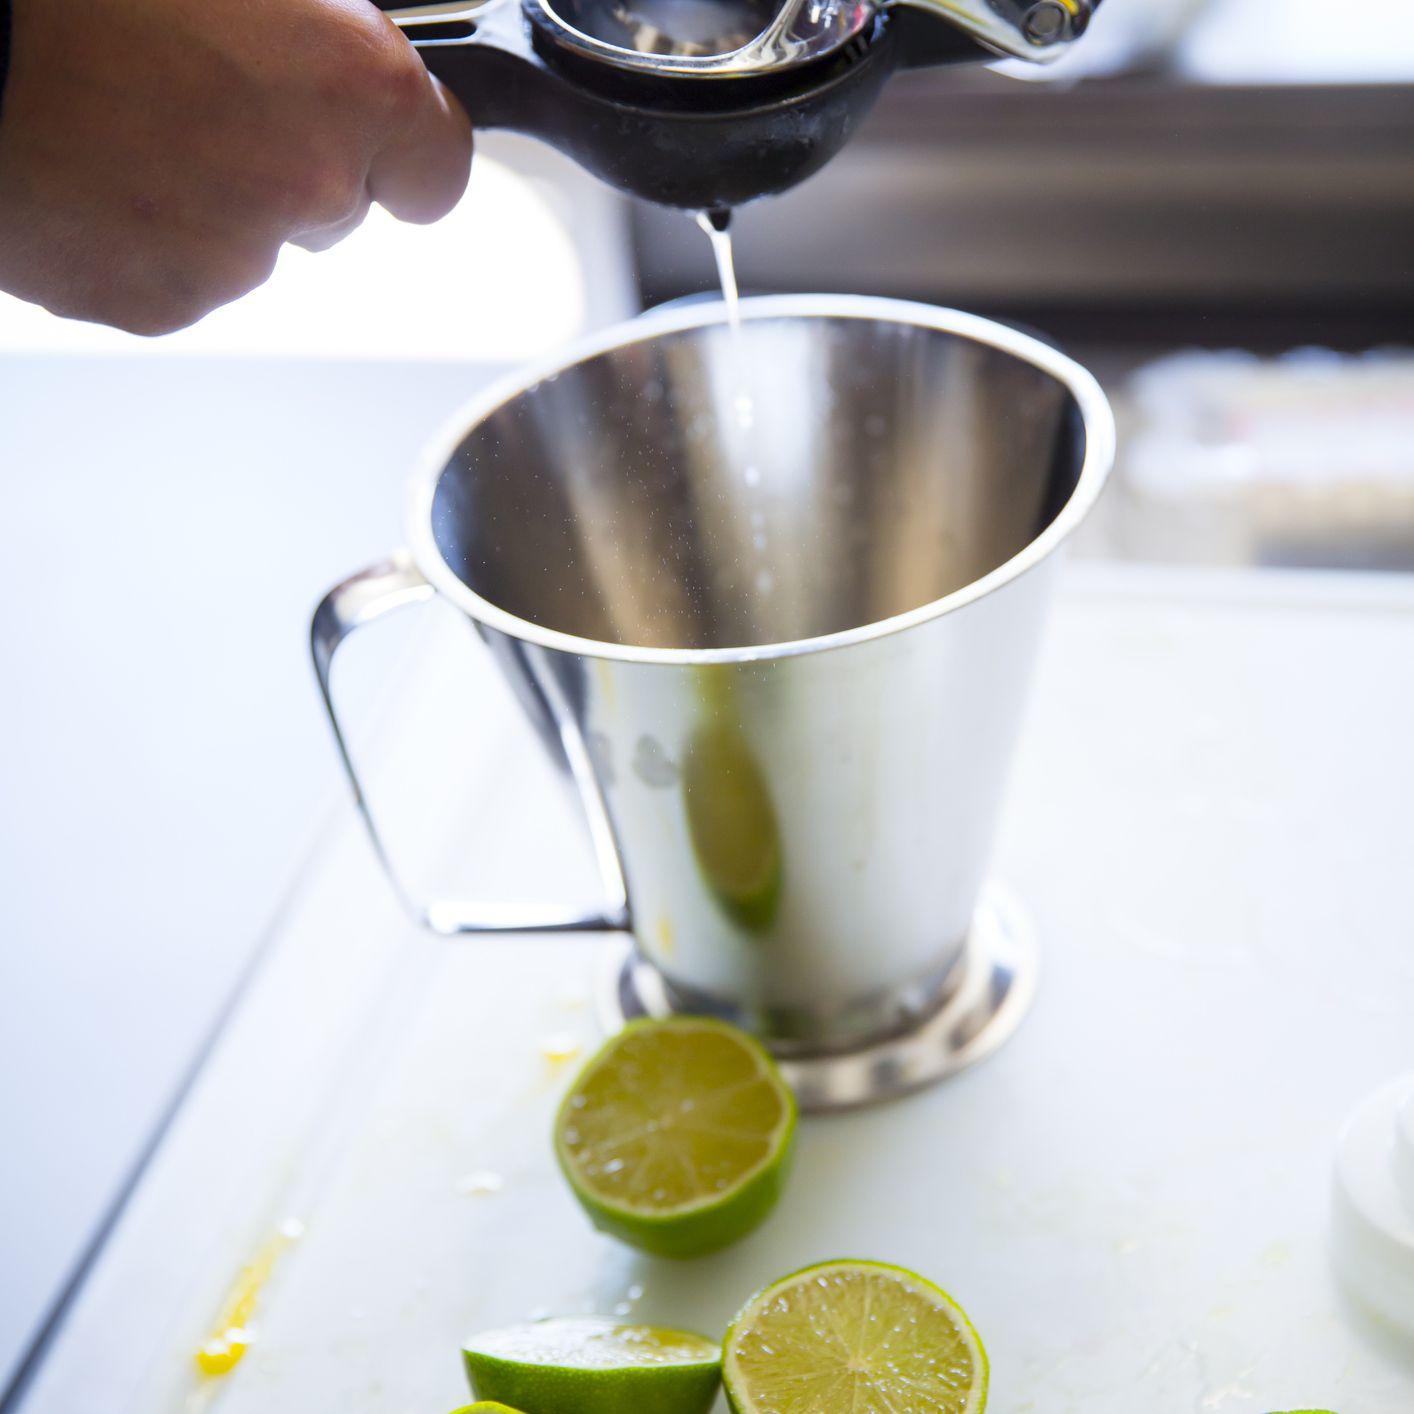 cómo hacer una margarita - exprimir jugo de limón fresco